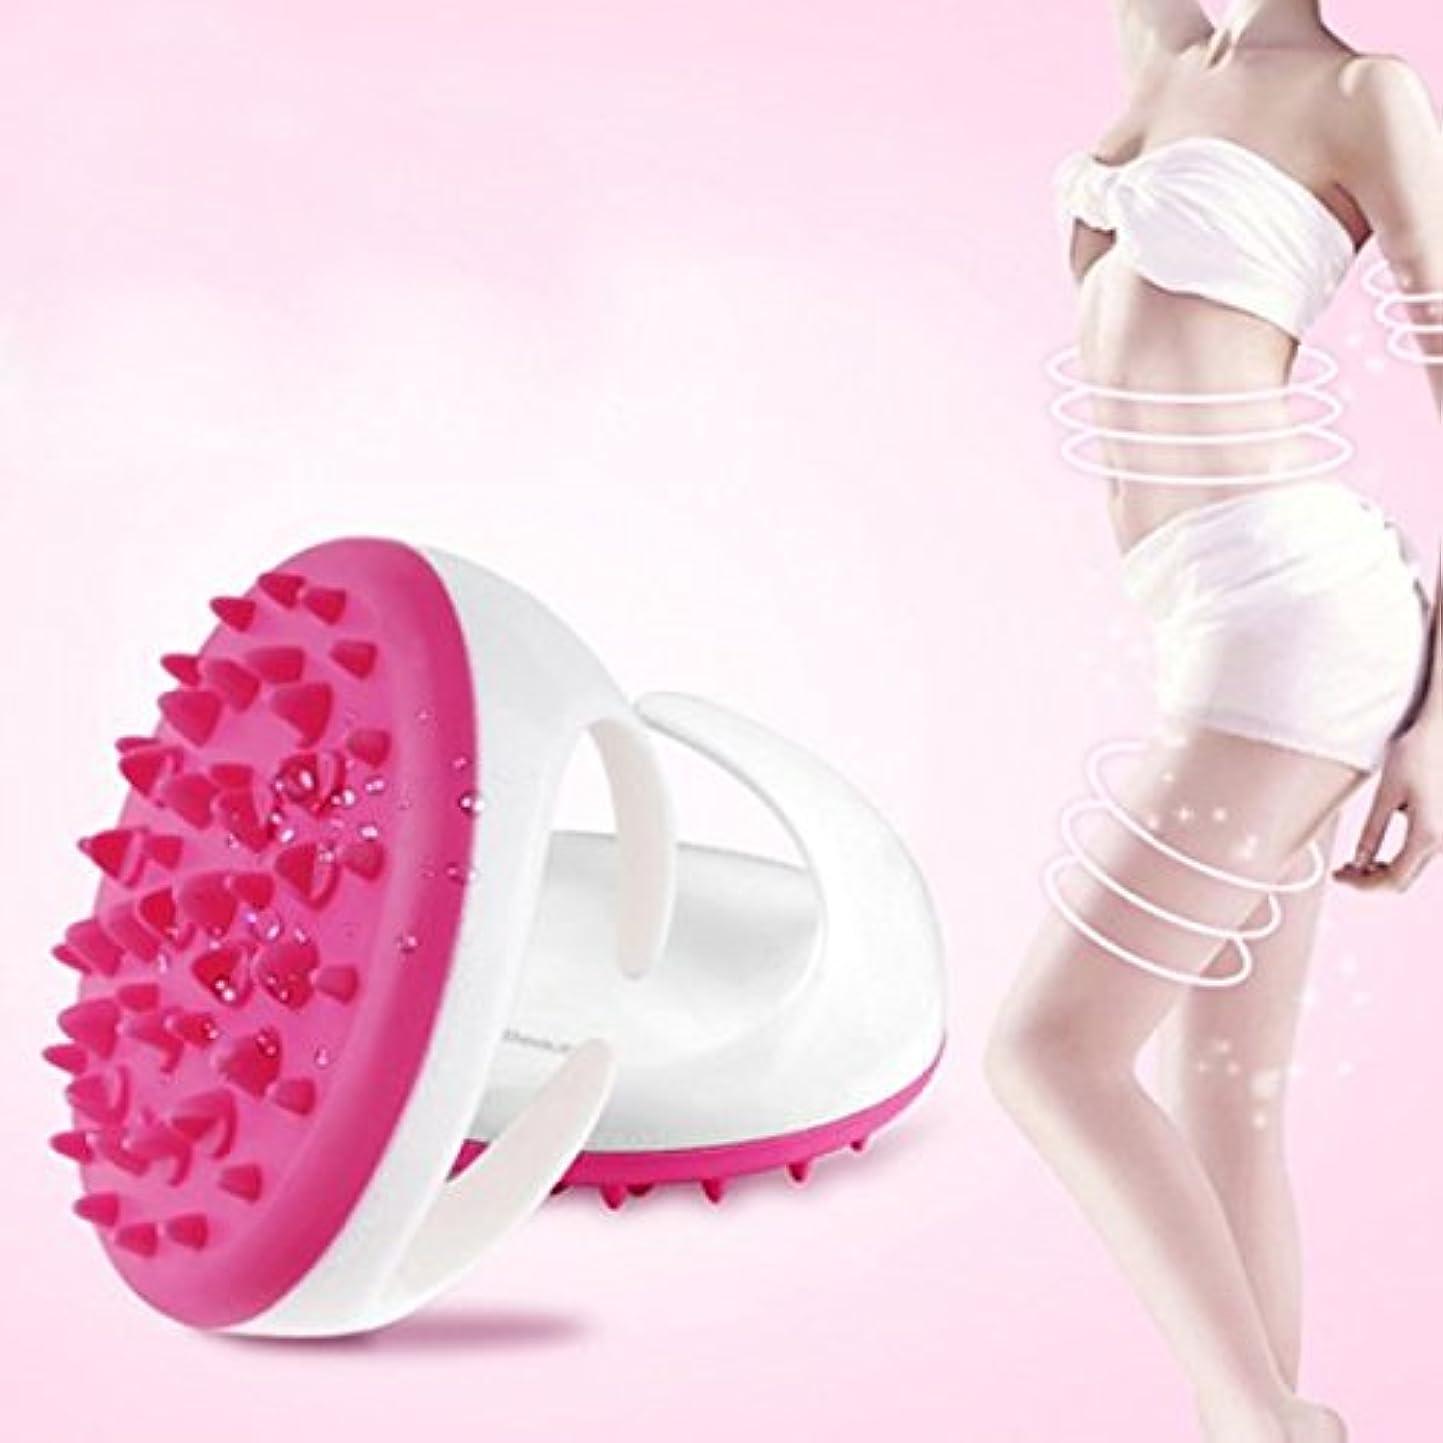 リクルート効率遠いCarejoy マッサージ ブラシ ボディ シェイプ 美形 ダイエットブラシ 血液循環新陳代謝を促進 腹部 臀部 足など用  ピンク グリーン パープル色ランダムに発送